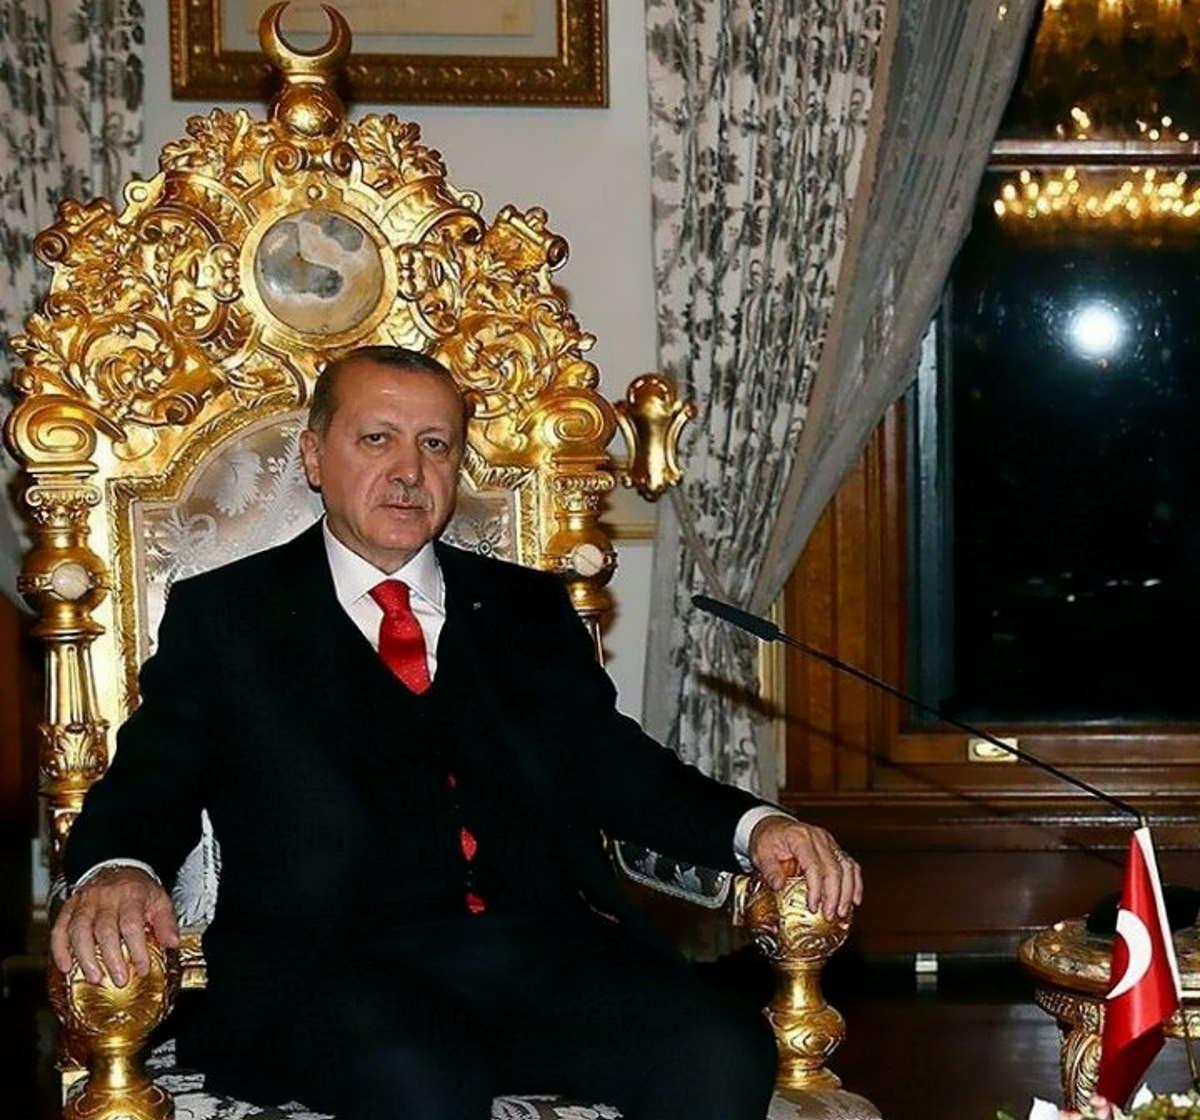 La stizza di Erdogan contro Mario Draghi per essere stato definito, giustamente, un dittatore